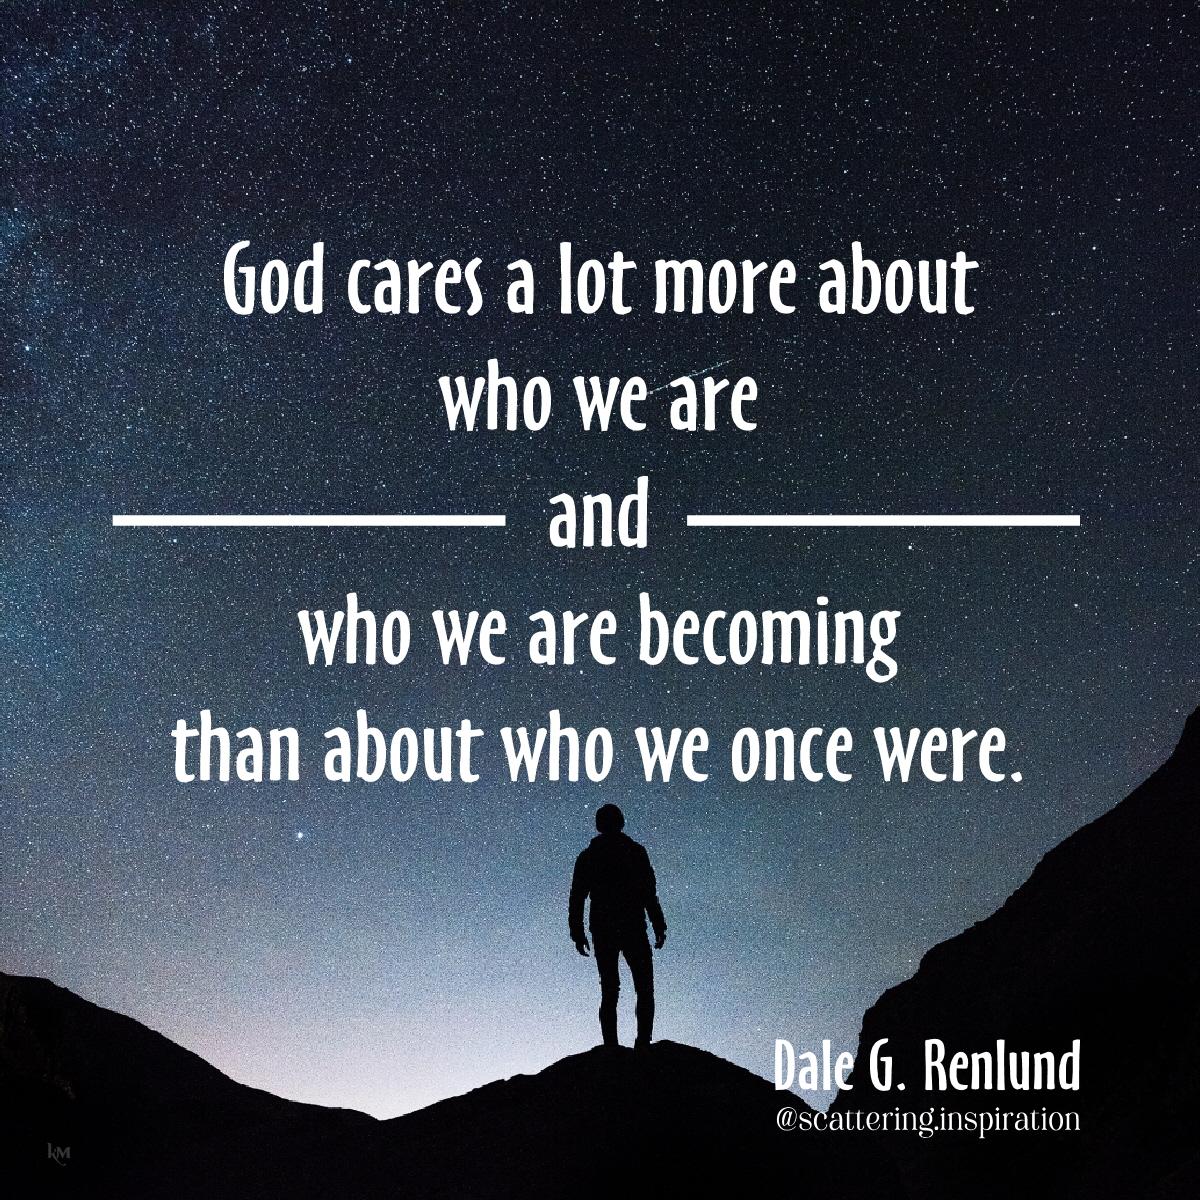 God cares more